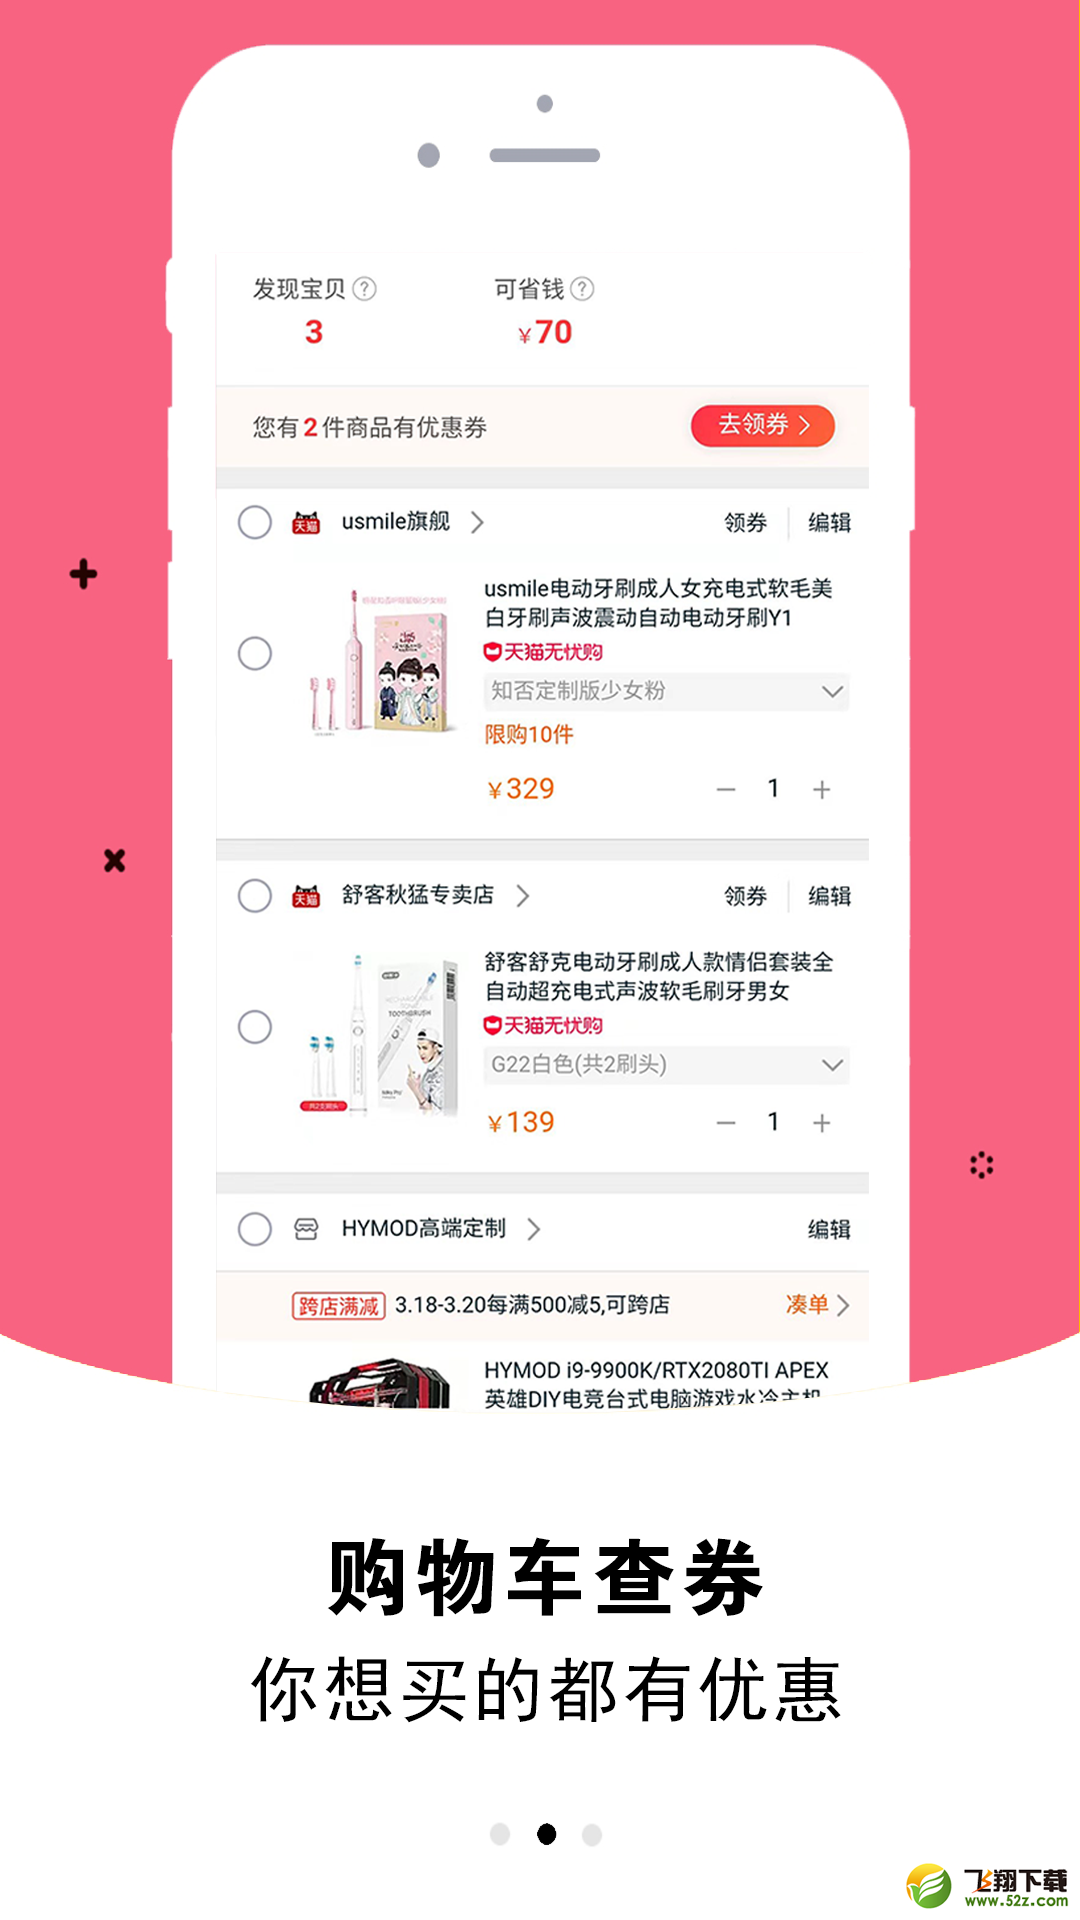 芝麻生活V1.0.23 安卓版_52z.com